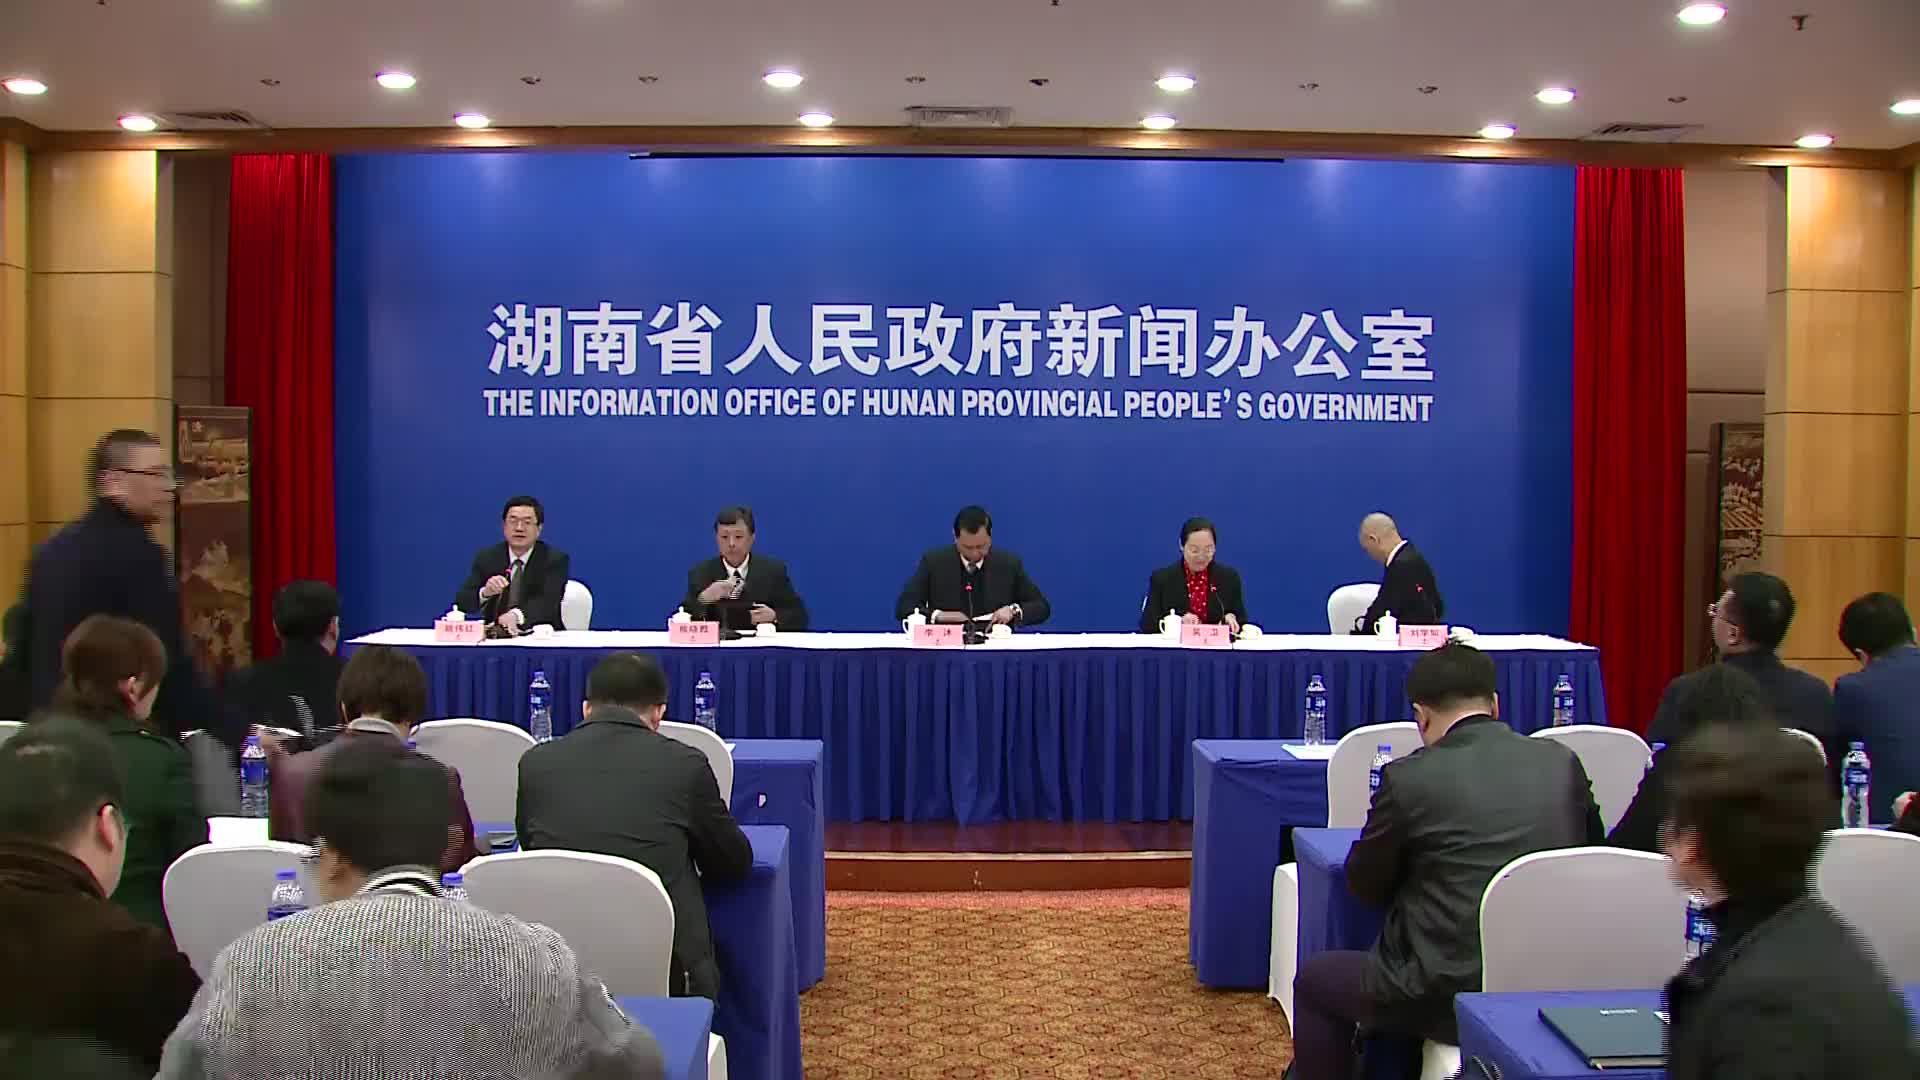 【全程回放】湖南省消费维权、投诉热点、消费警示等情况新闻发布会